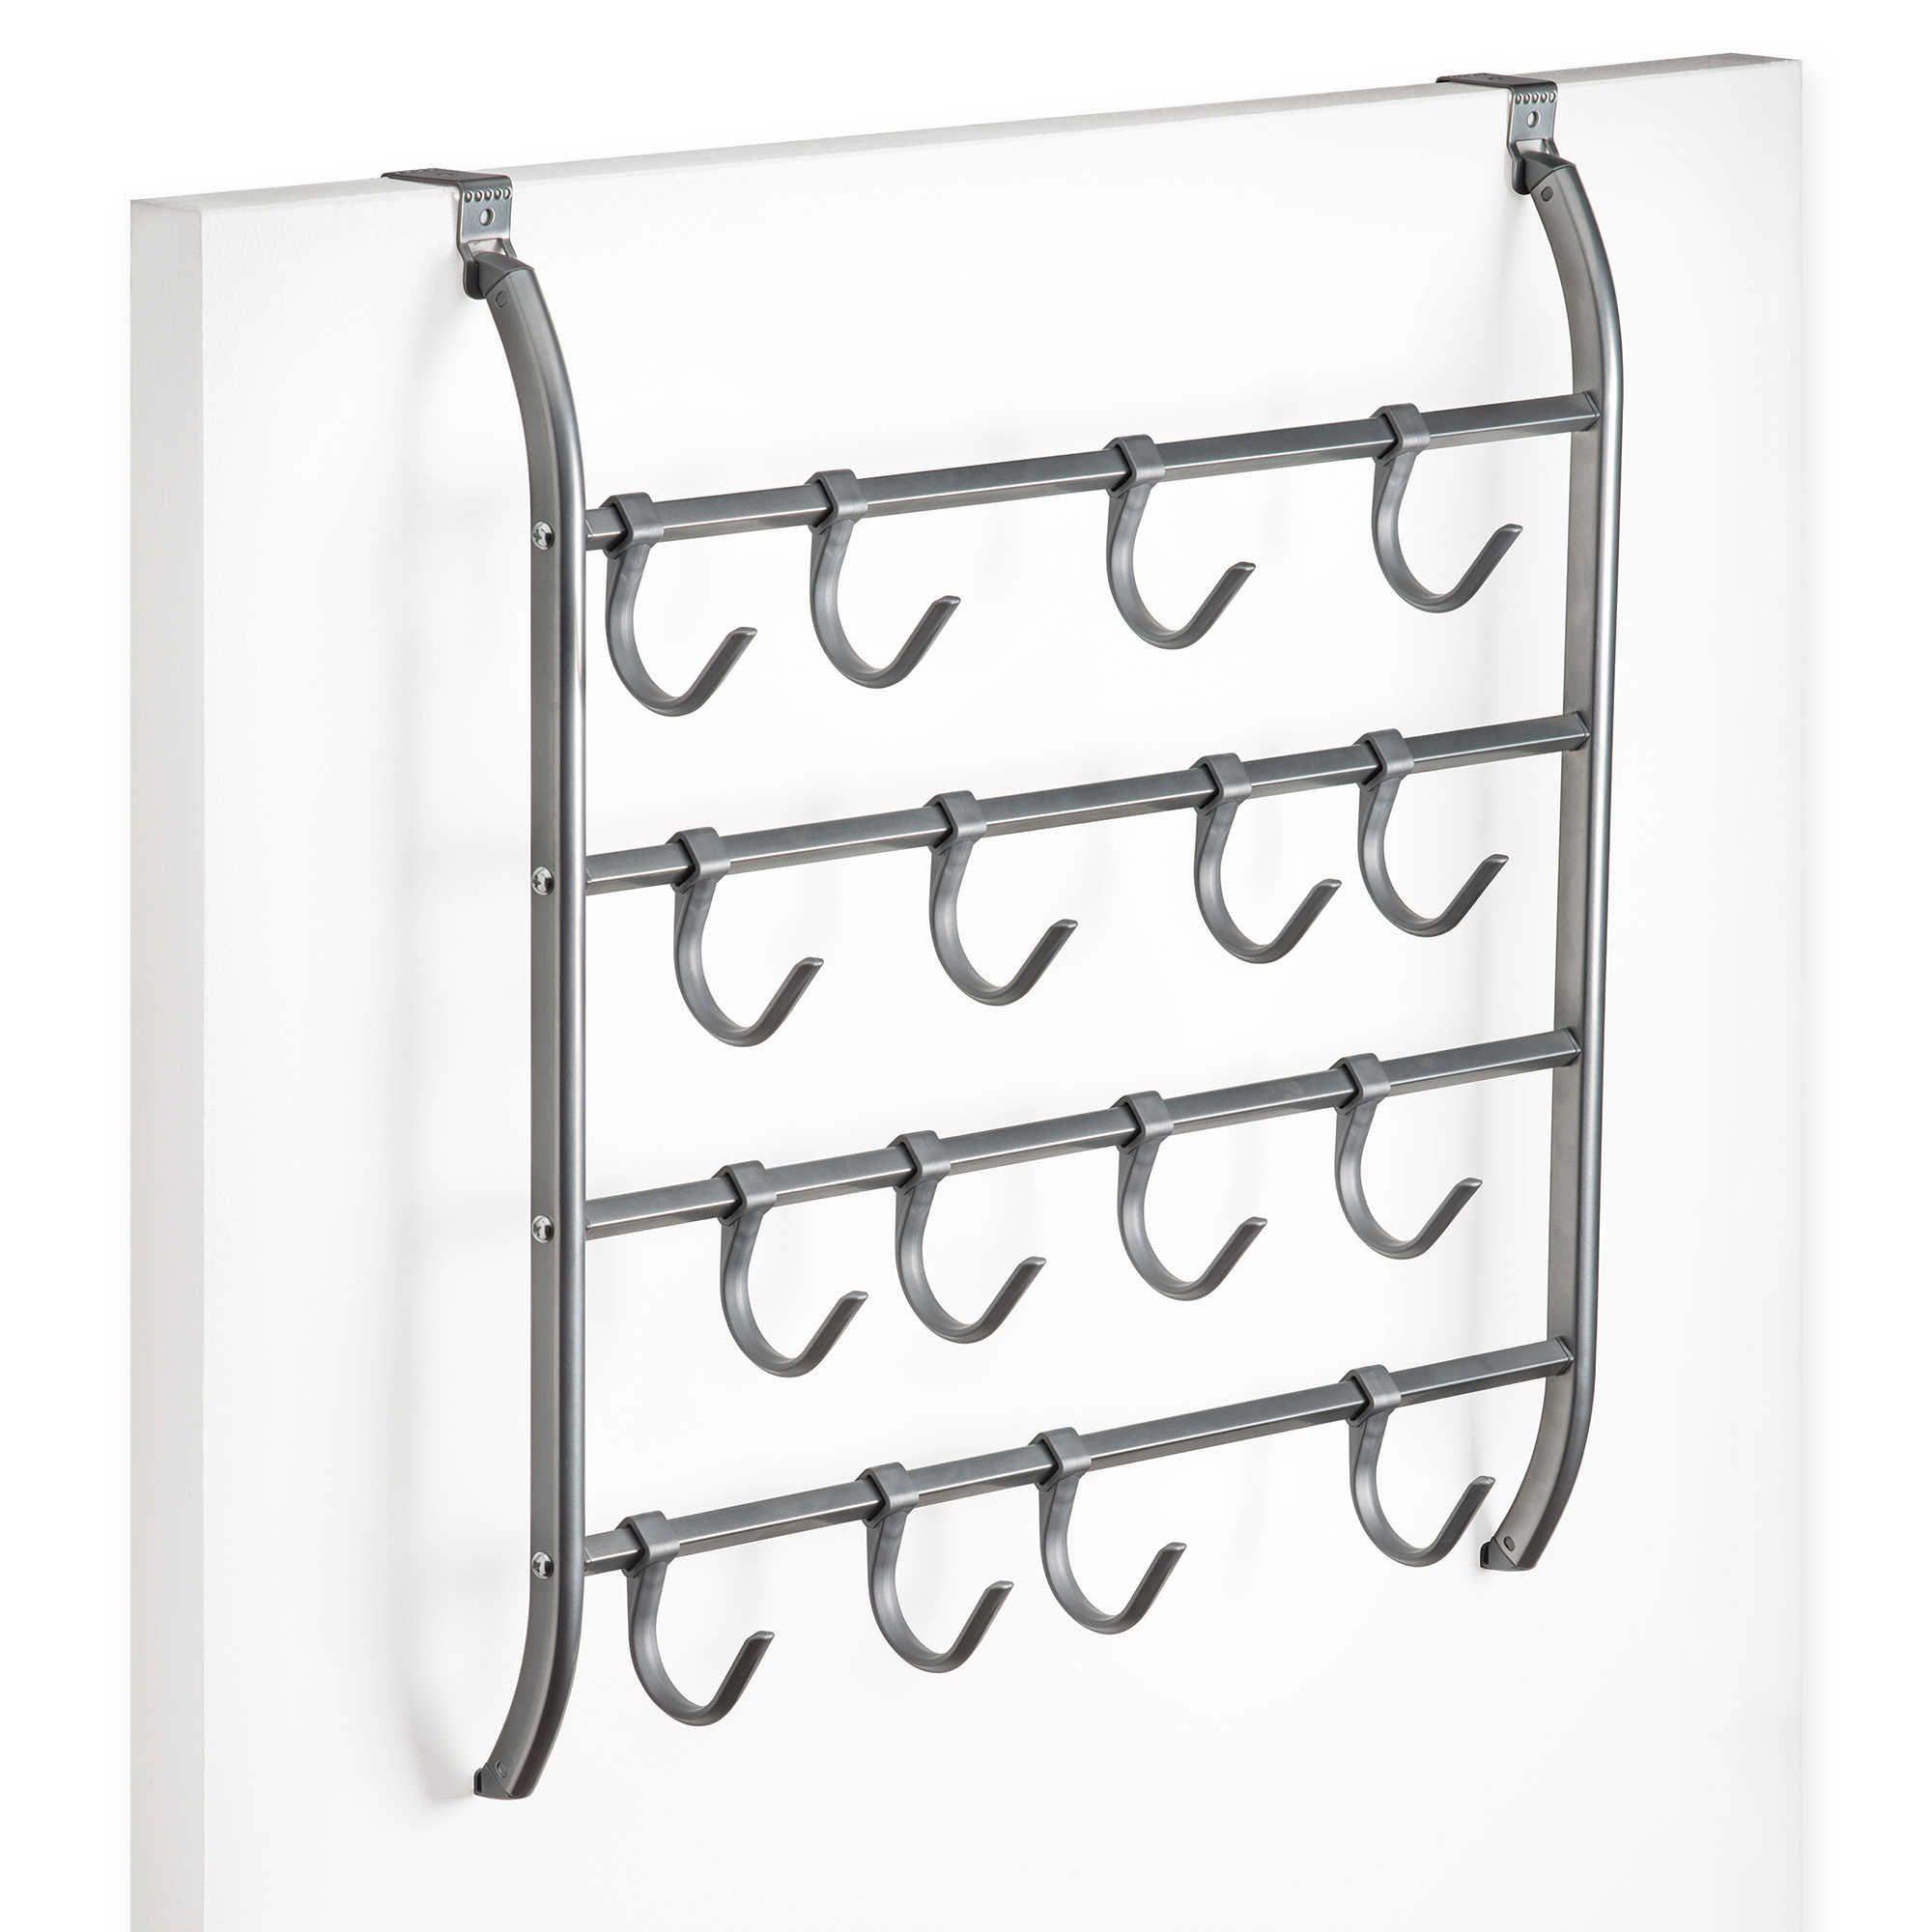 OvertheDoor Metal Hanging Hook Rack Accessory Organizer in